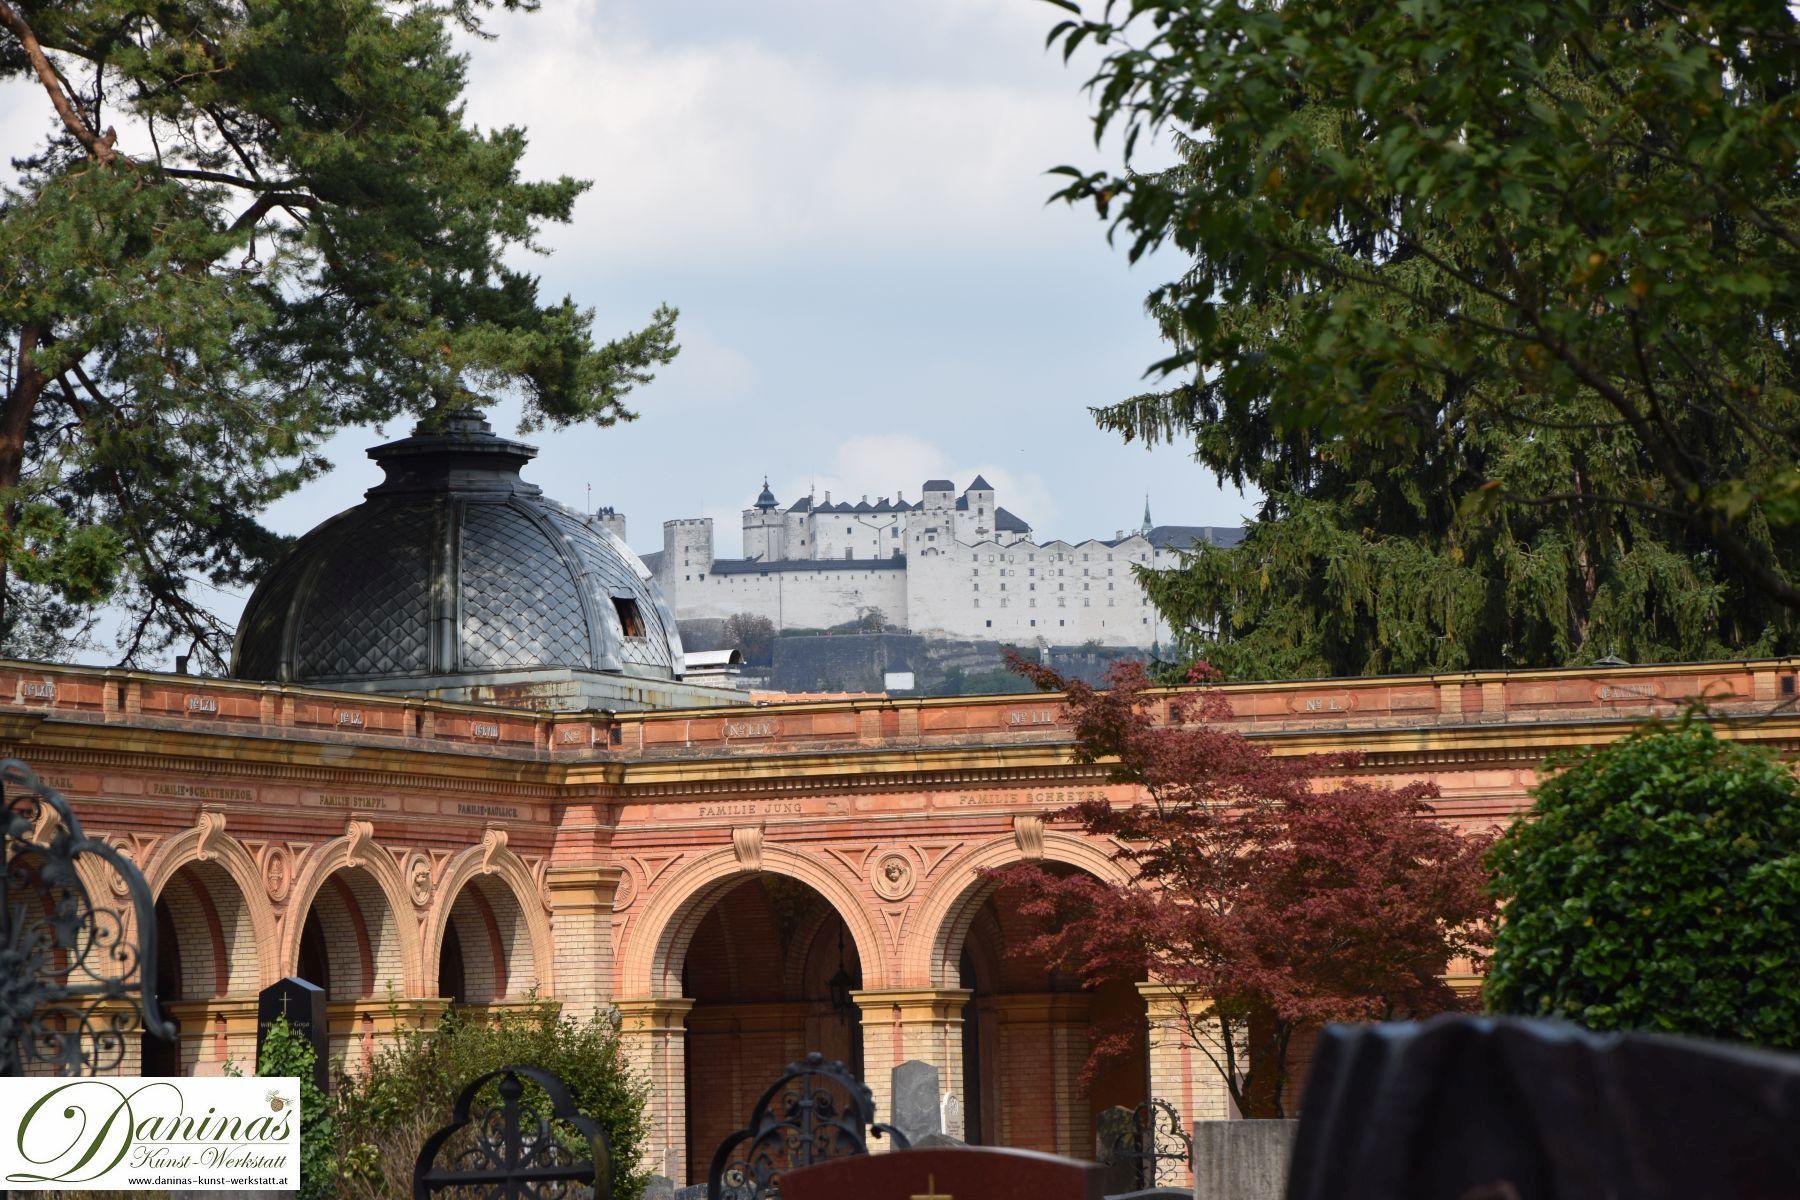 Blick zur Festung Hohensalzburg. Der Salzburger Kommunalfriedhof ist aufgrund seiner landschaftsarchitektonischen Schönheit und prächtigen Lage einzigartig und einen Besuch wert!